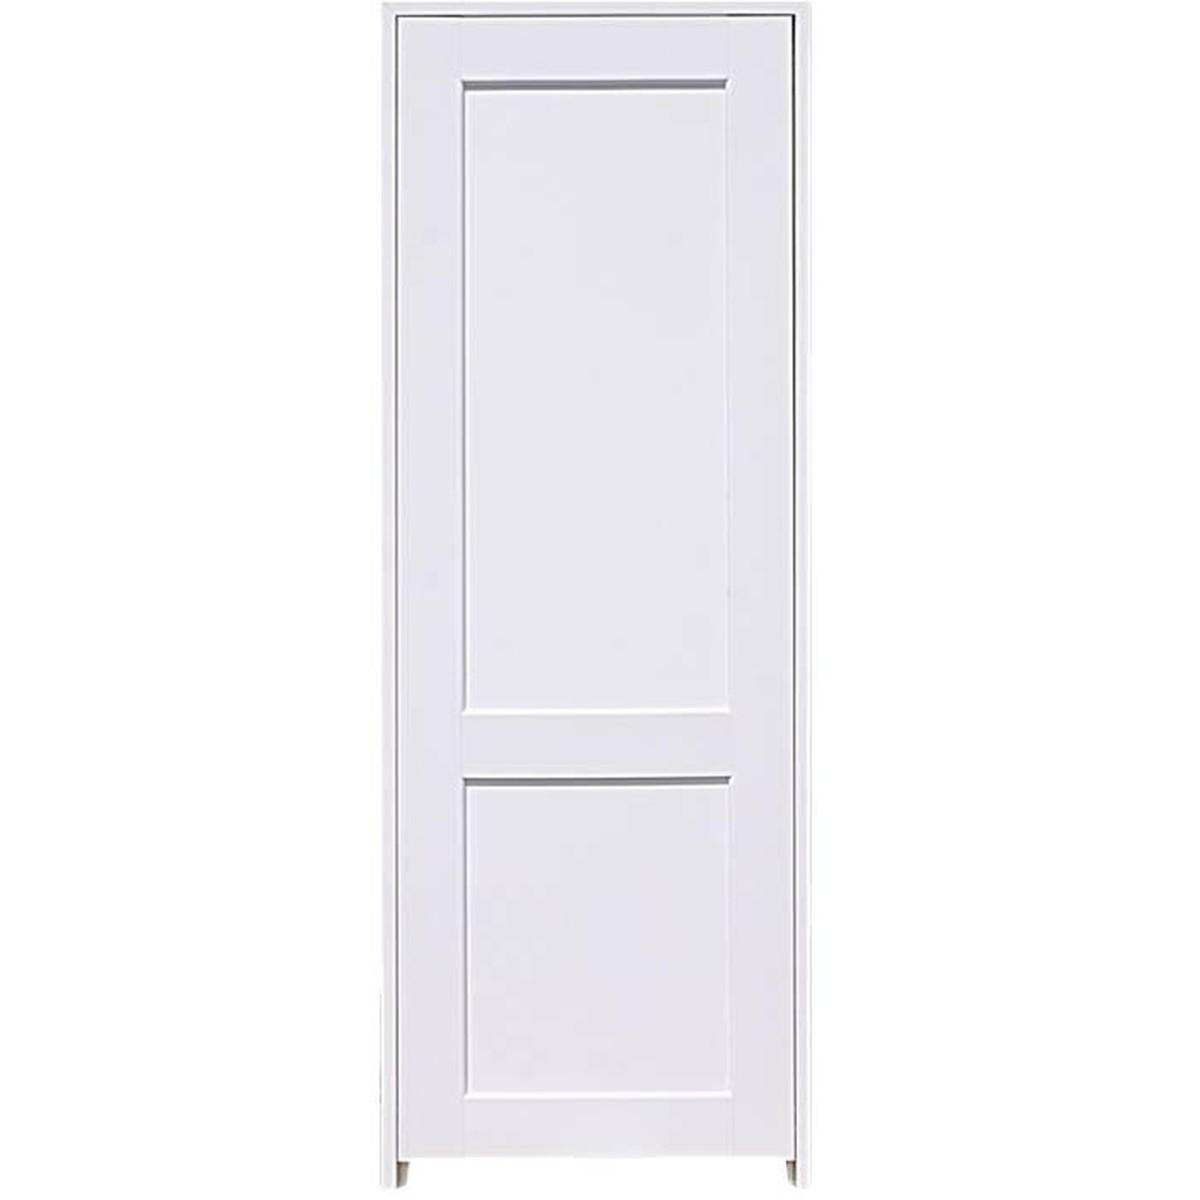 Блок дверной глухой с замком и петлями в комплекте Акваплюс 70x200 см ПВХ